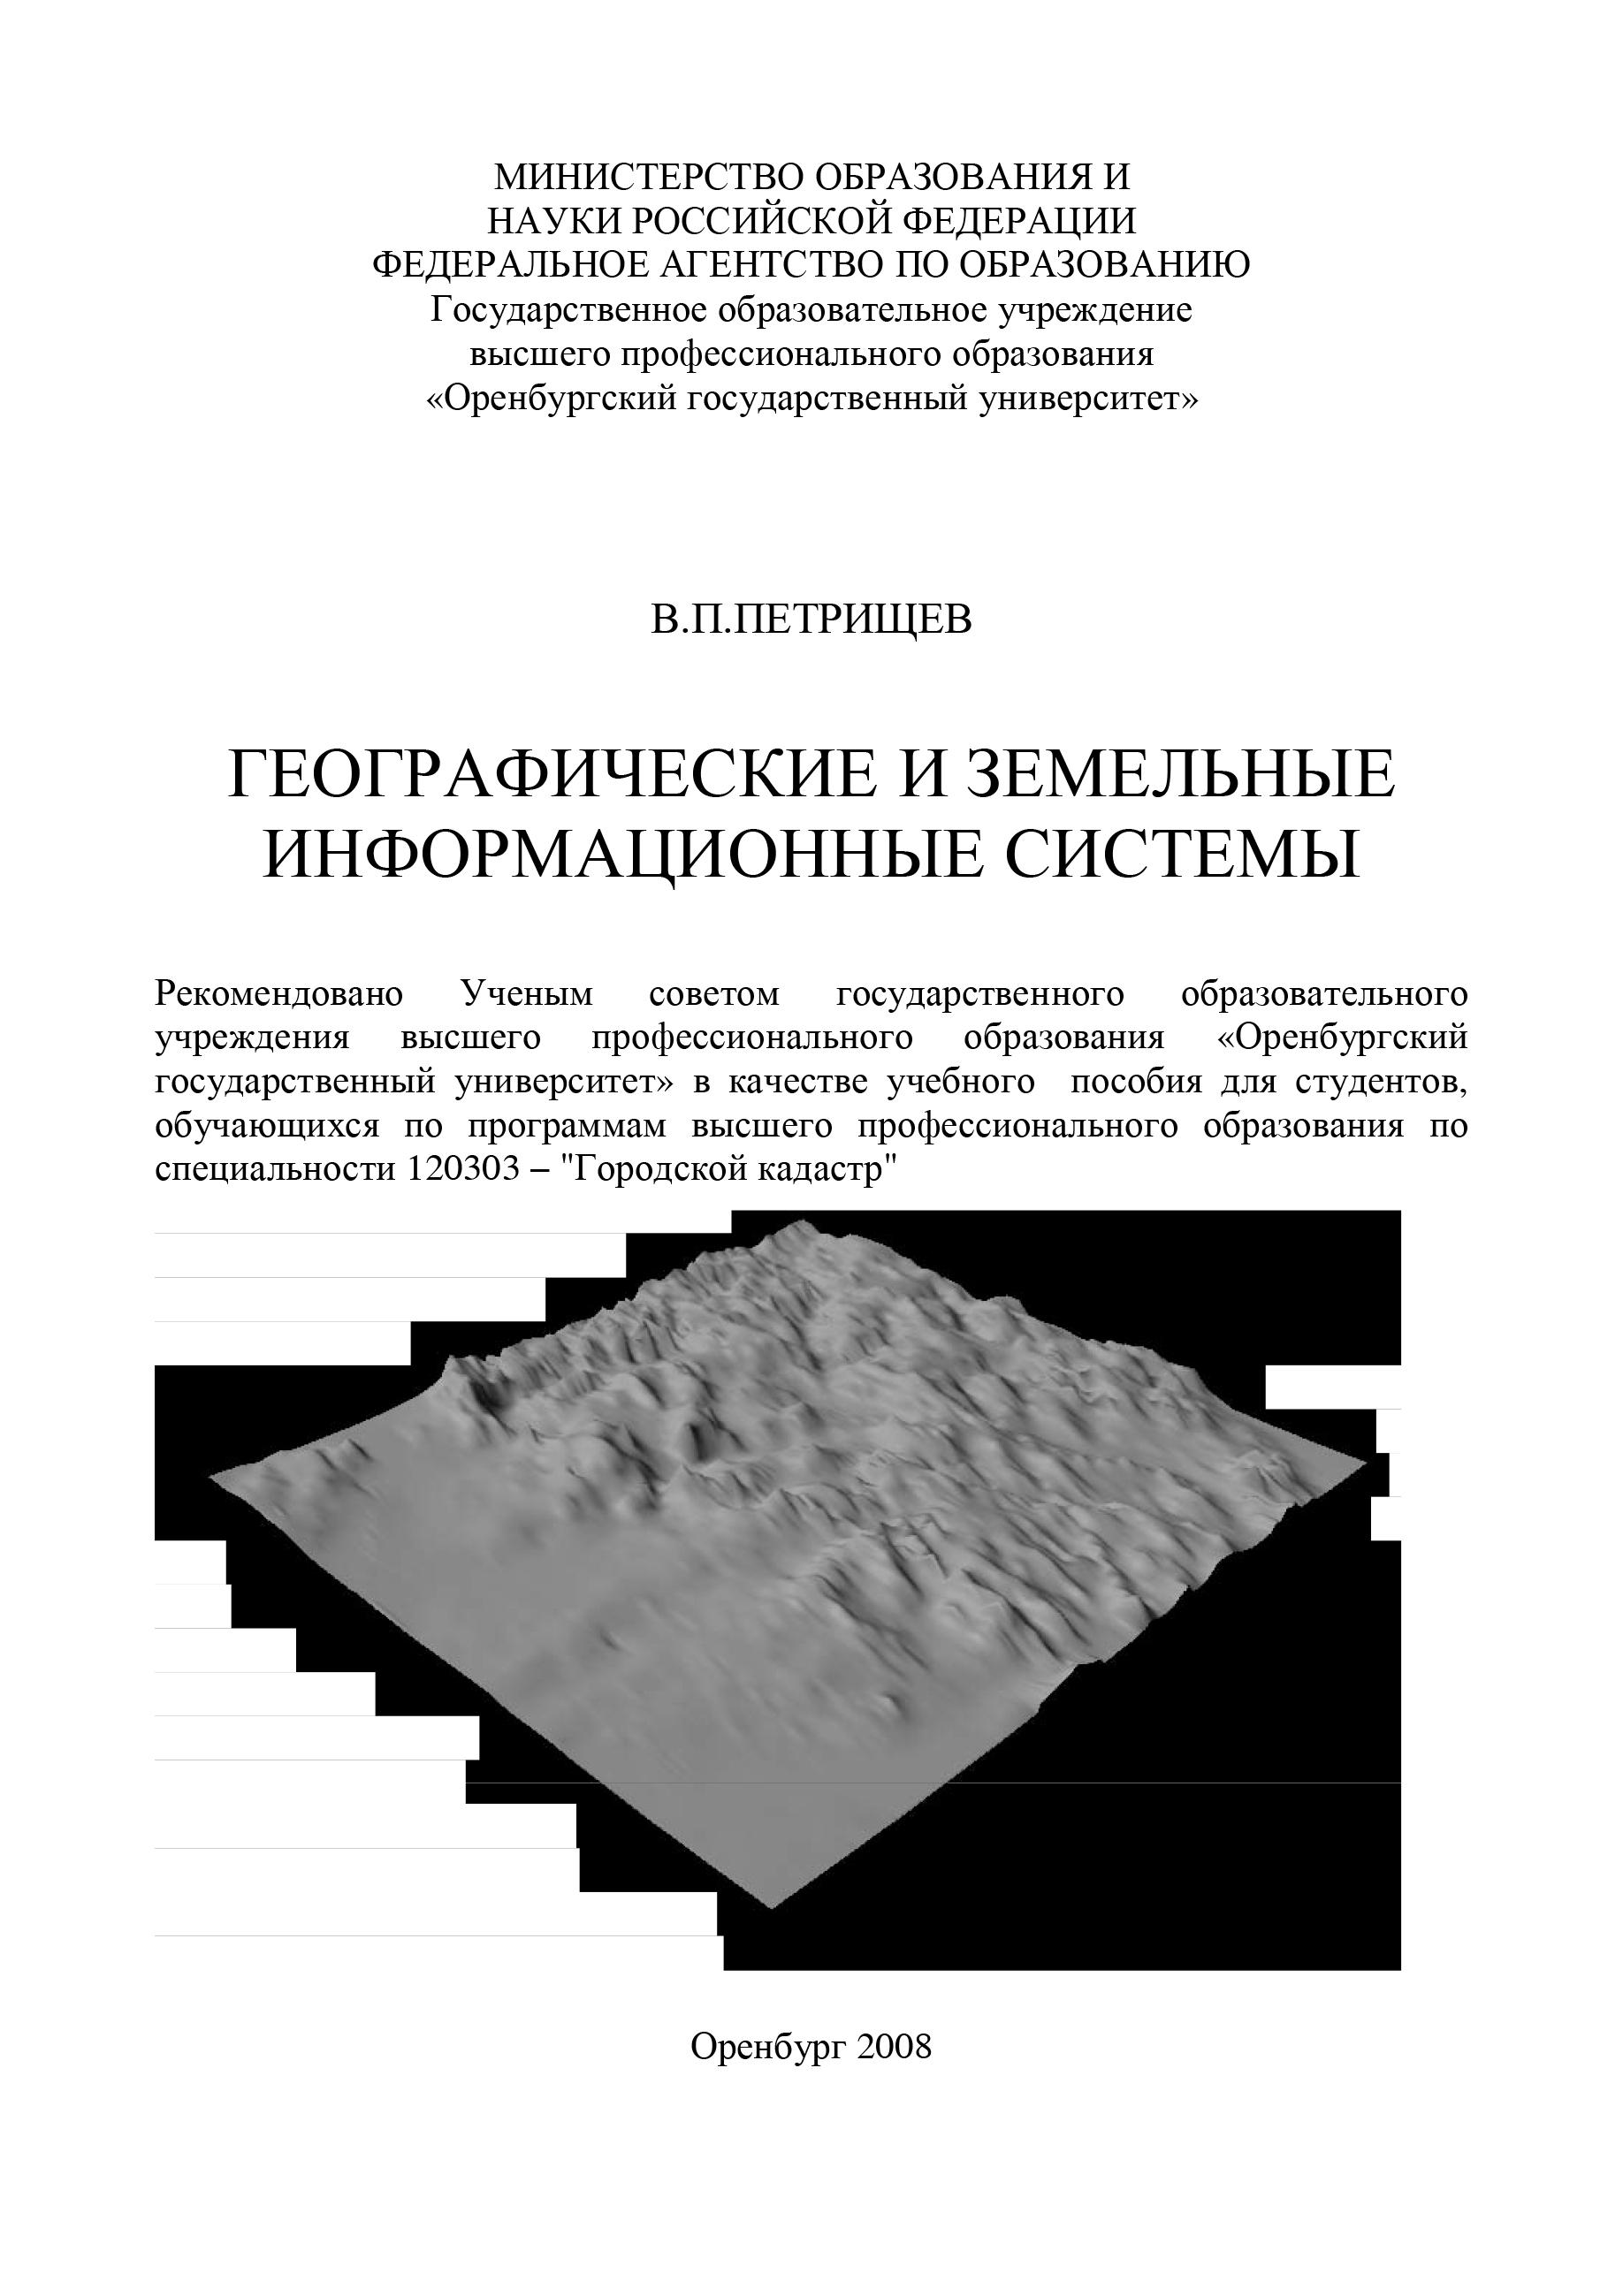 . Петрище Географические и земельные информационные системы